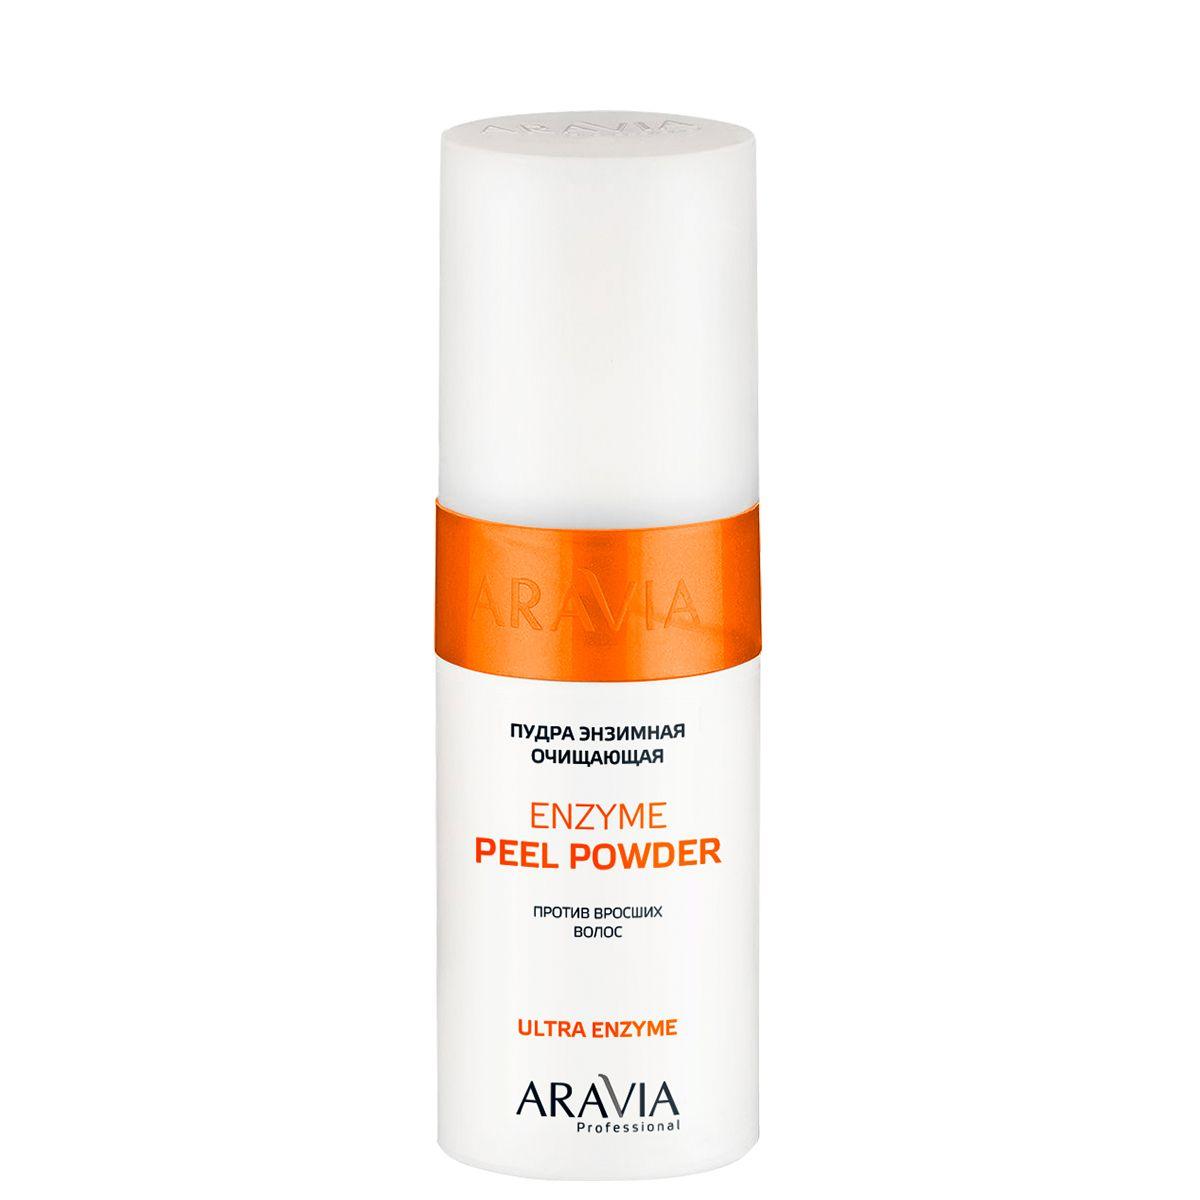 Powder Enzyme Cleansing Against Ingrown Hair Enzyme Peel Powder